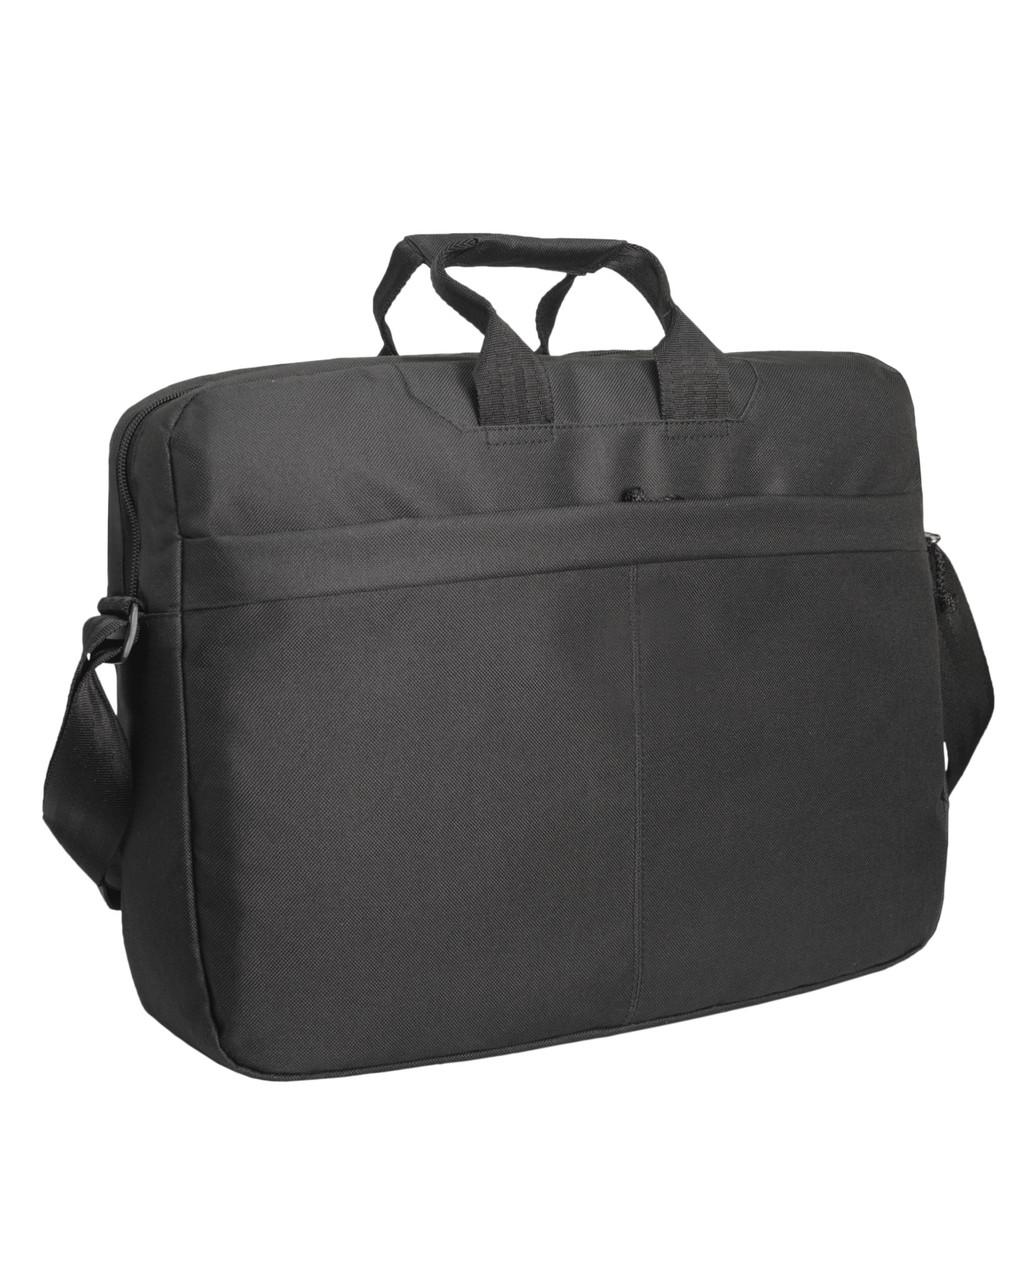 Сумка для ноутбука Surikat черная (мужская сумка, женская сумка, под н